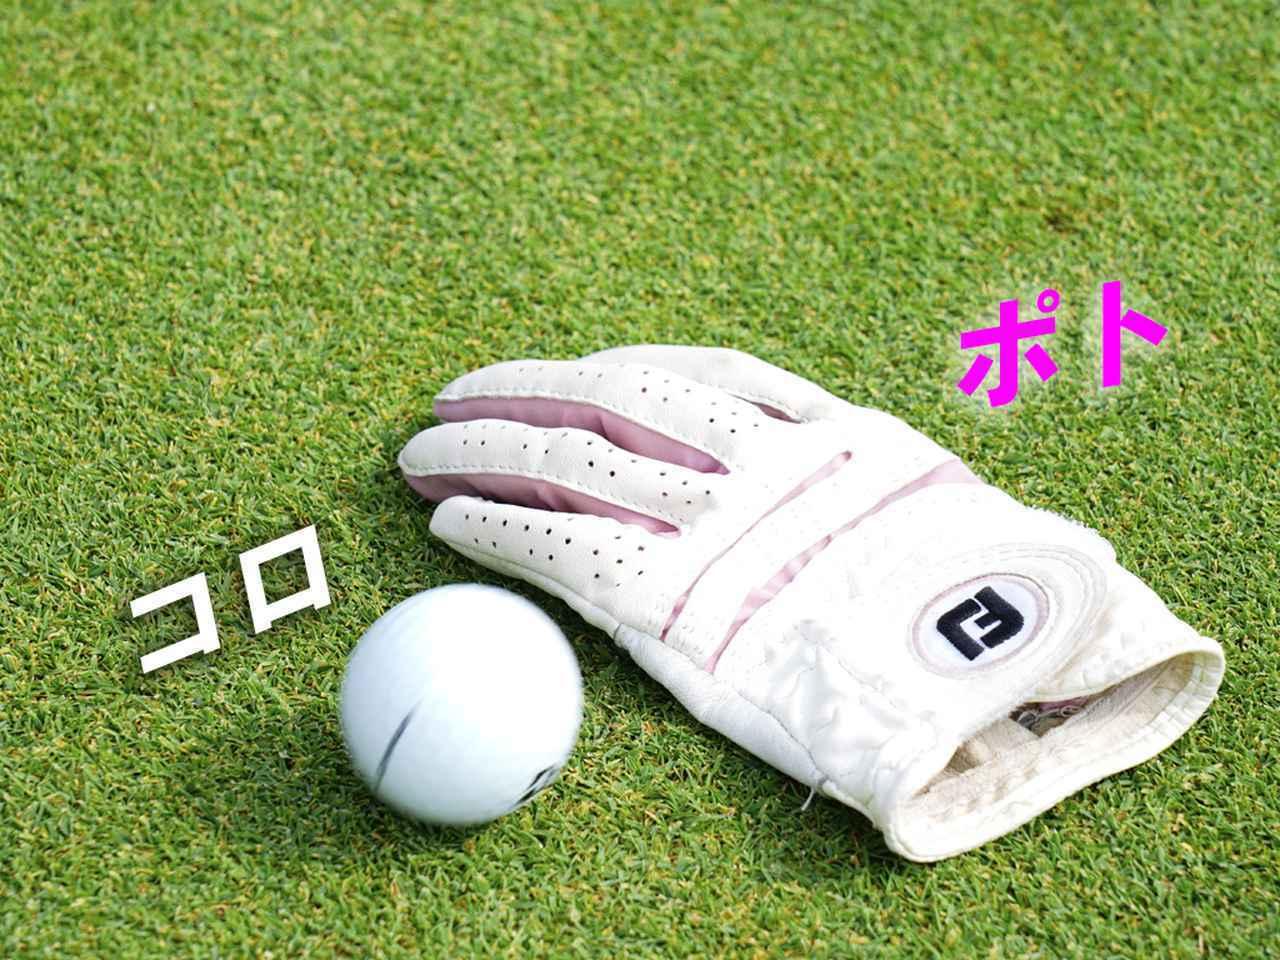 画像: 【新ルール】マークする前にグローブを落として球が動いた! この場合の対処法は? - ゴルフへ行こうWEB by ゴルフダイジェスト